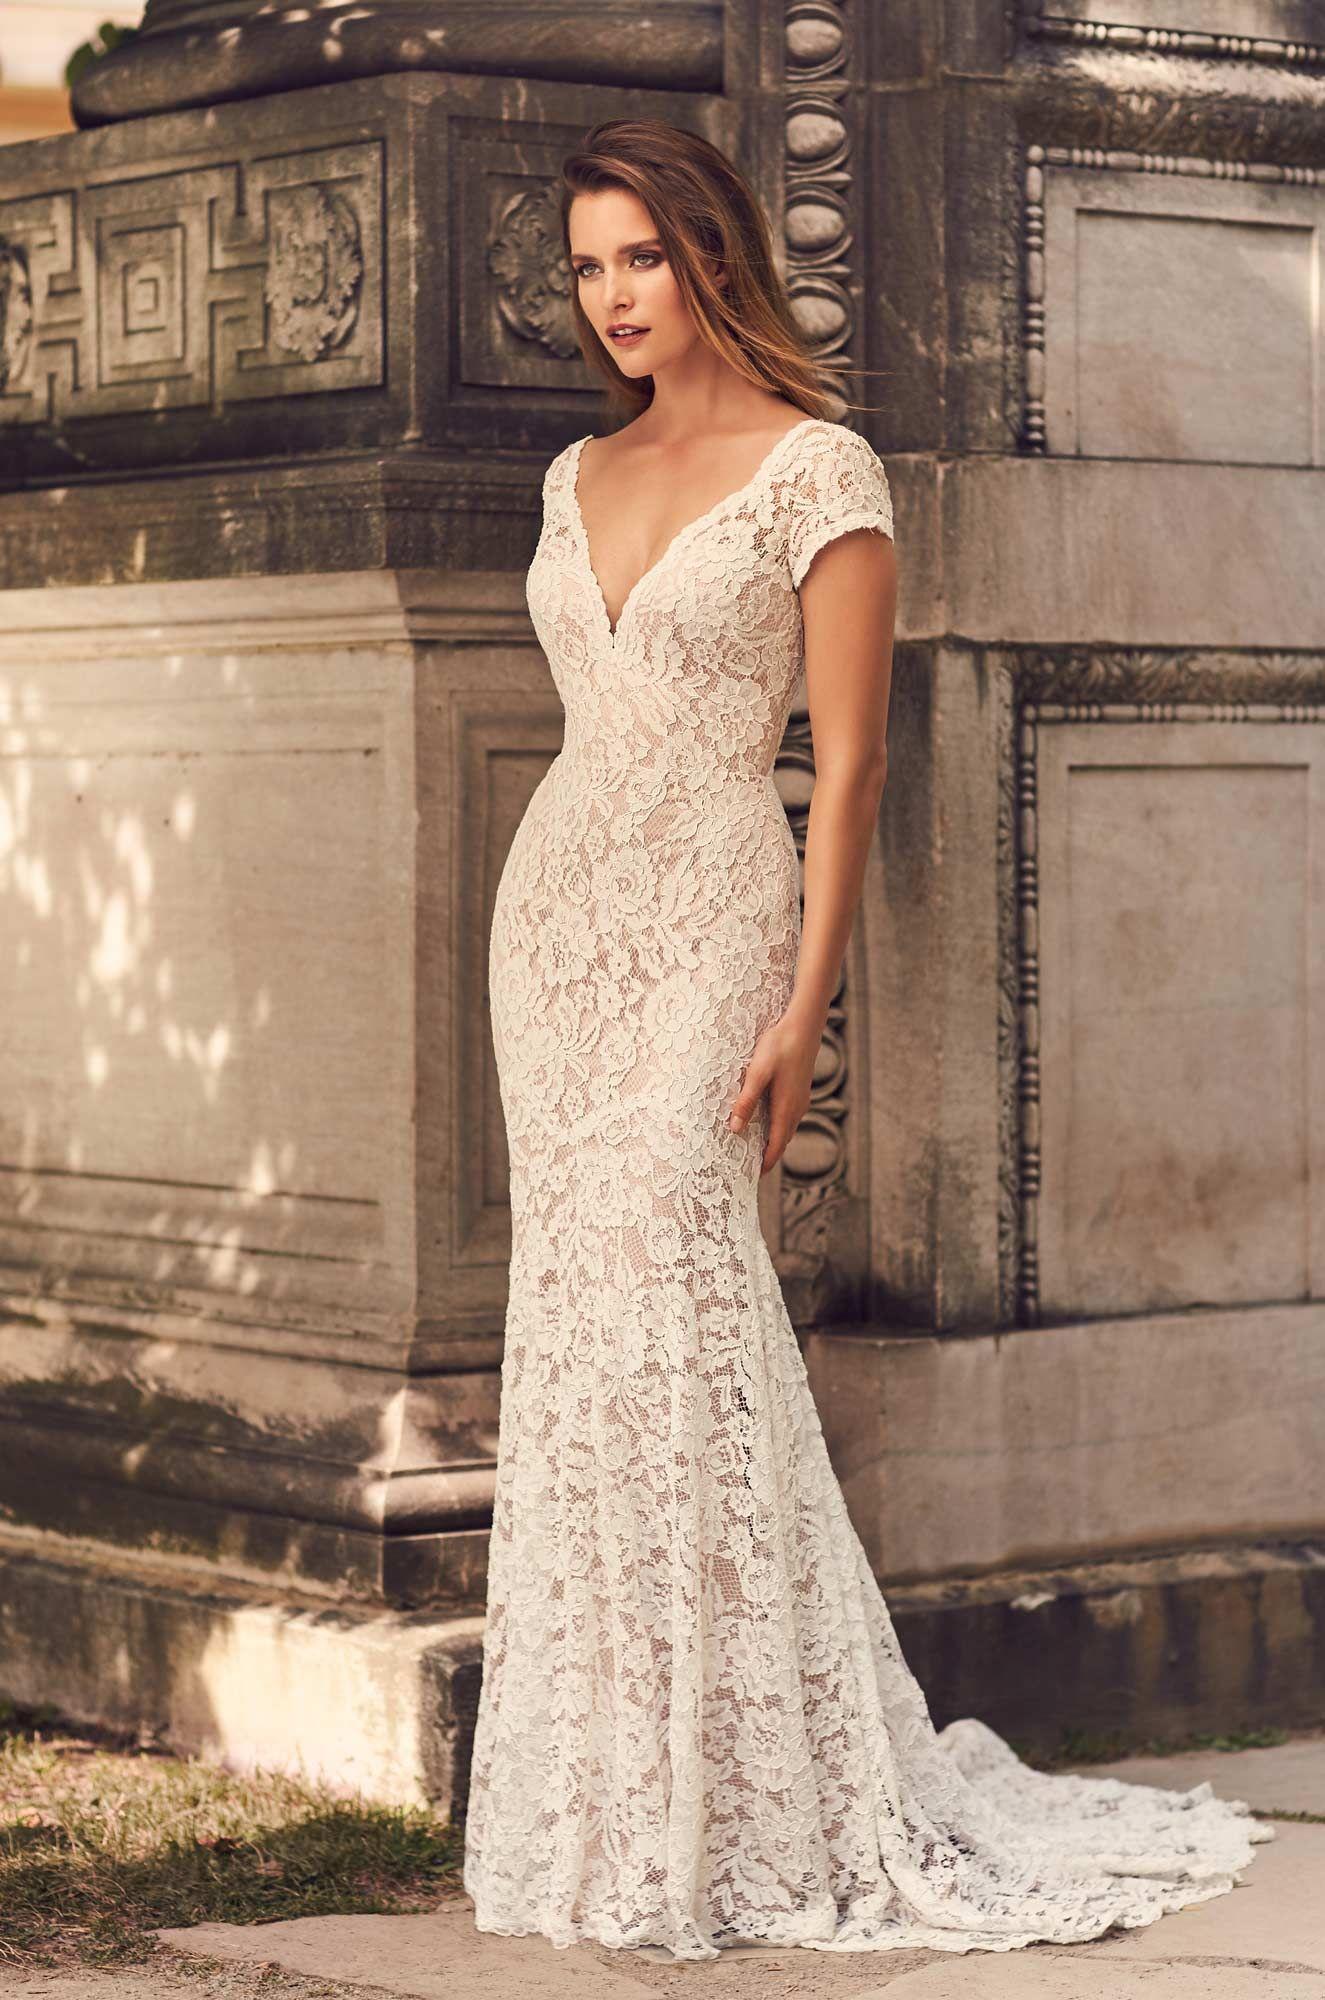 Short Sleeve V Neckline Wedding Dress Style 2233 Mikaella Bridal Short Lace Wedding Dress Wedding Dress Necklines Short Sleeve Wedding Dress [ 2000 x 1325 Pixel ]